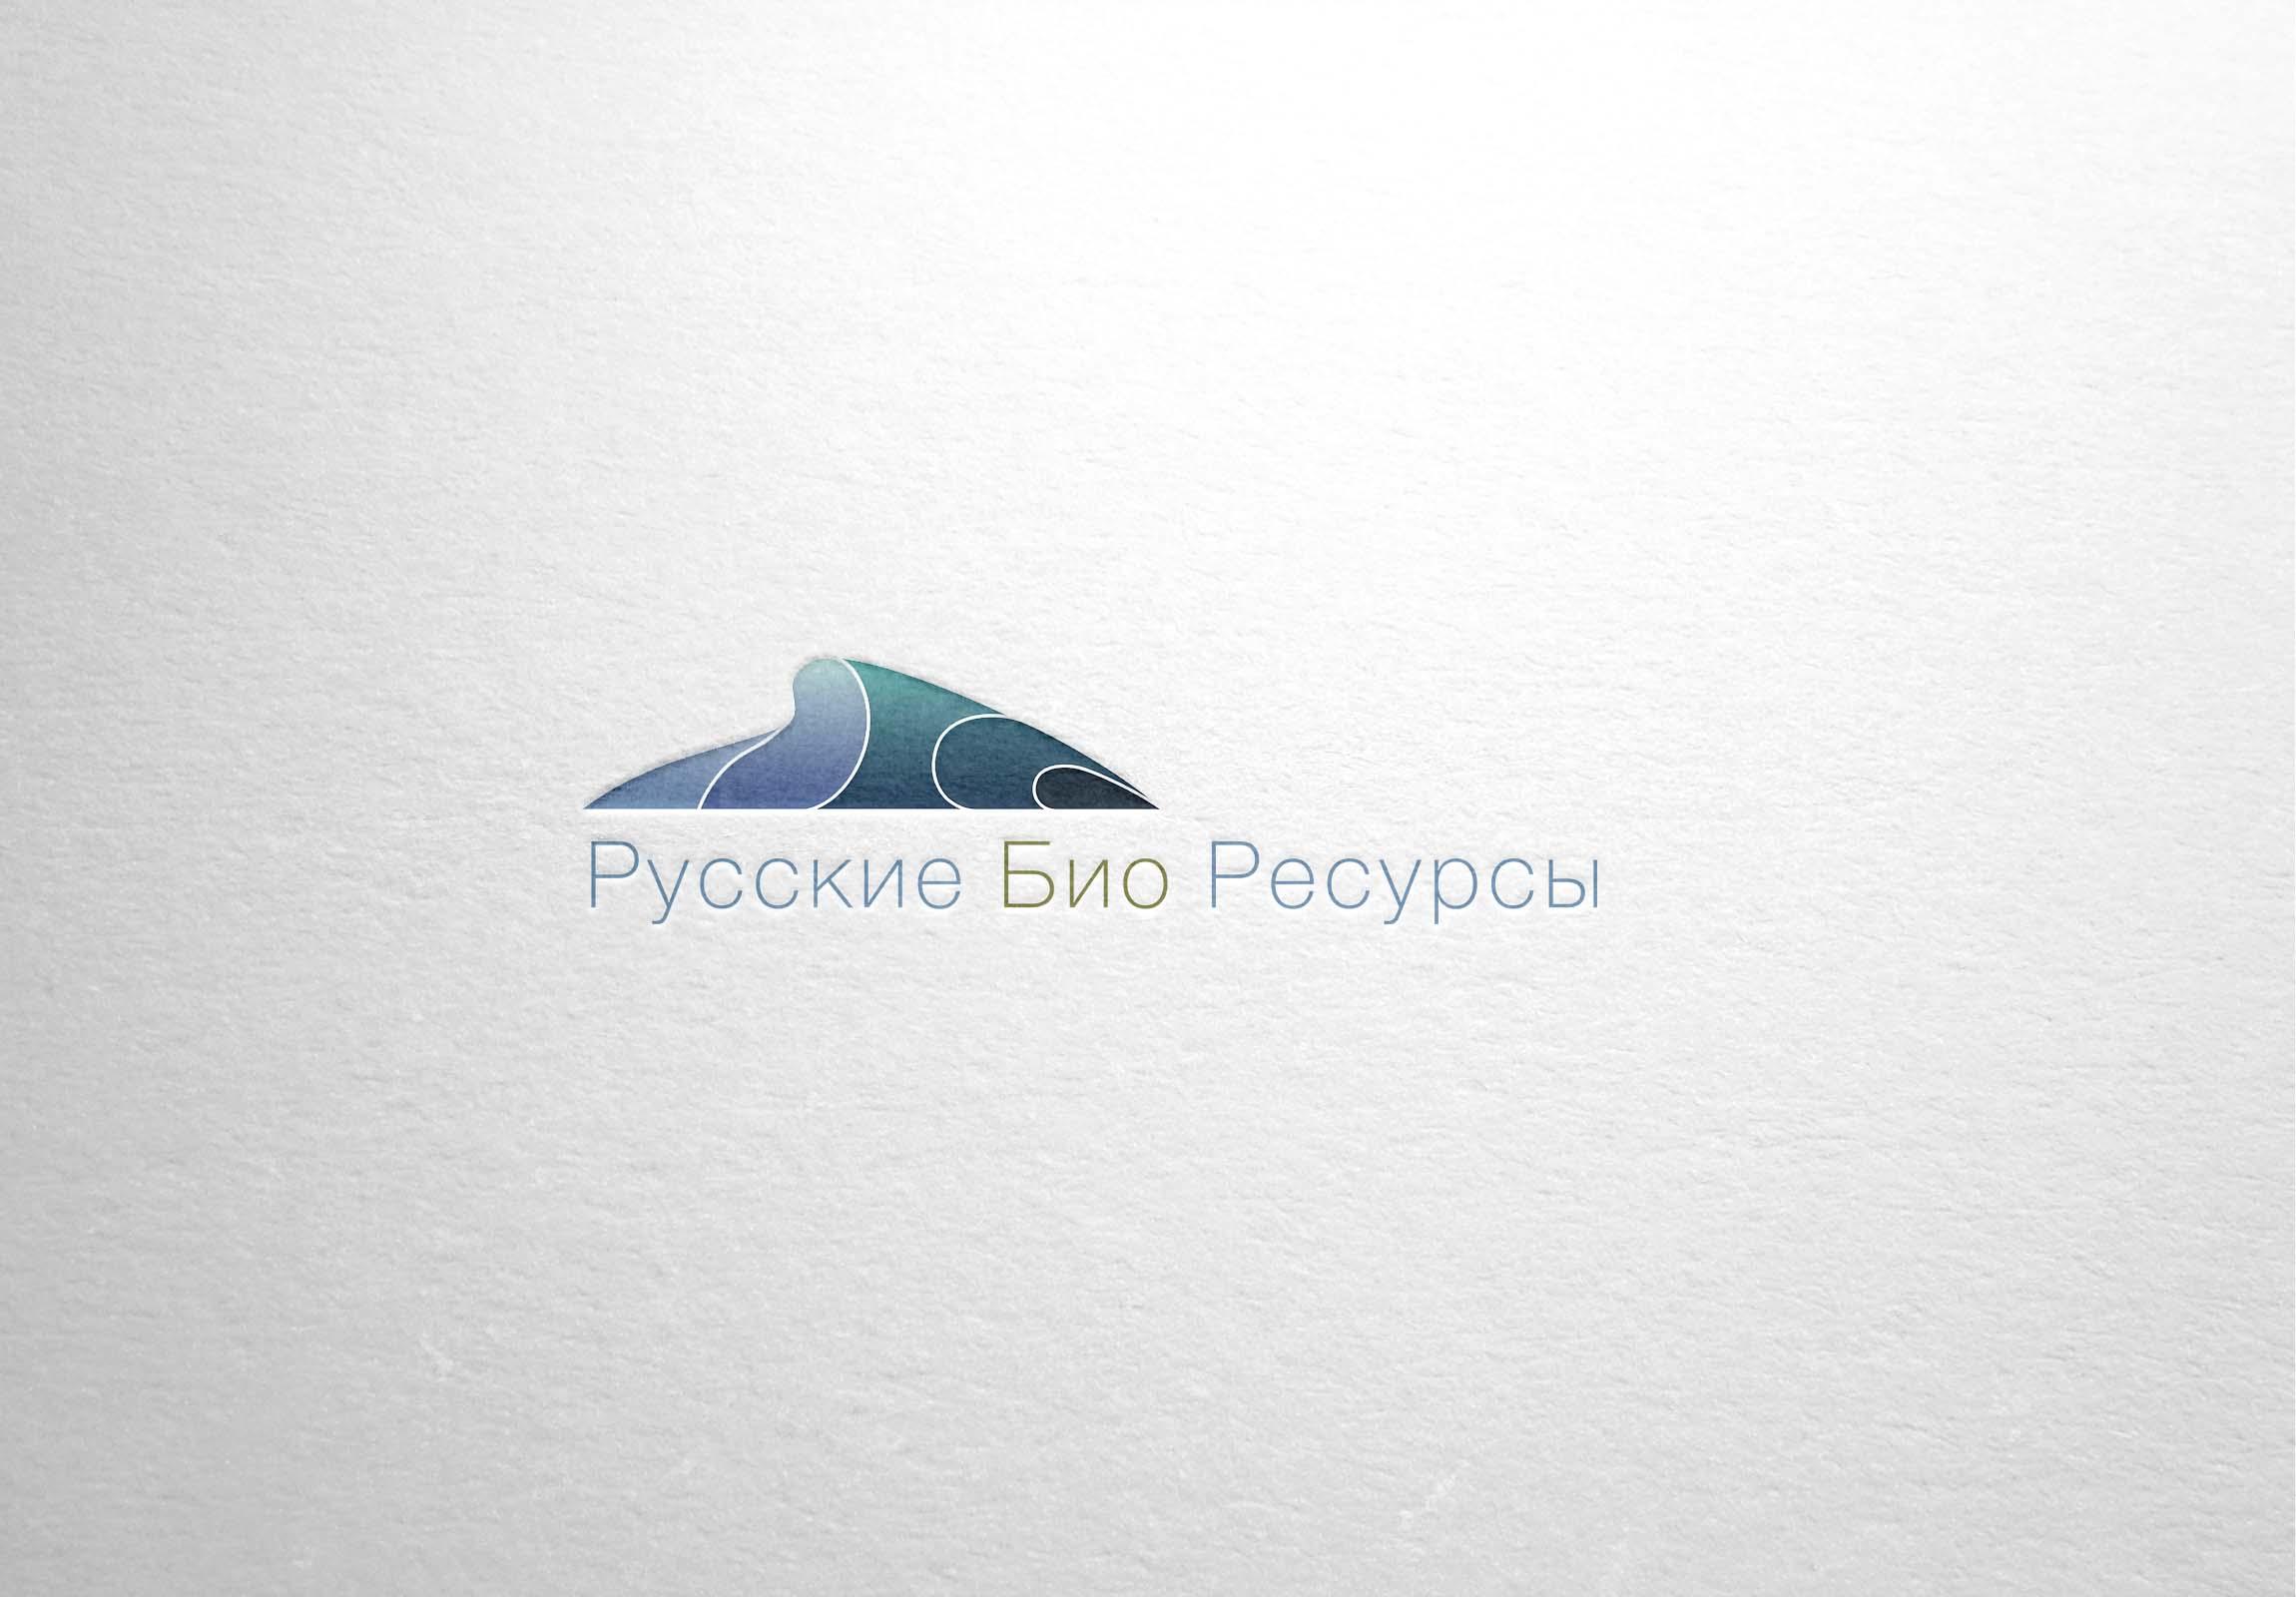 Разработка логотипа для компании «Русские Био Ресурсы» фото f_56158f8af219e876.jpg